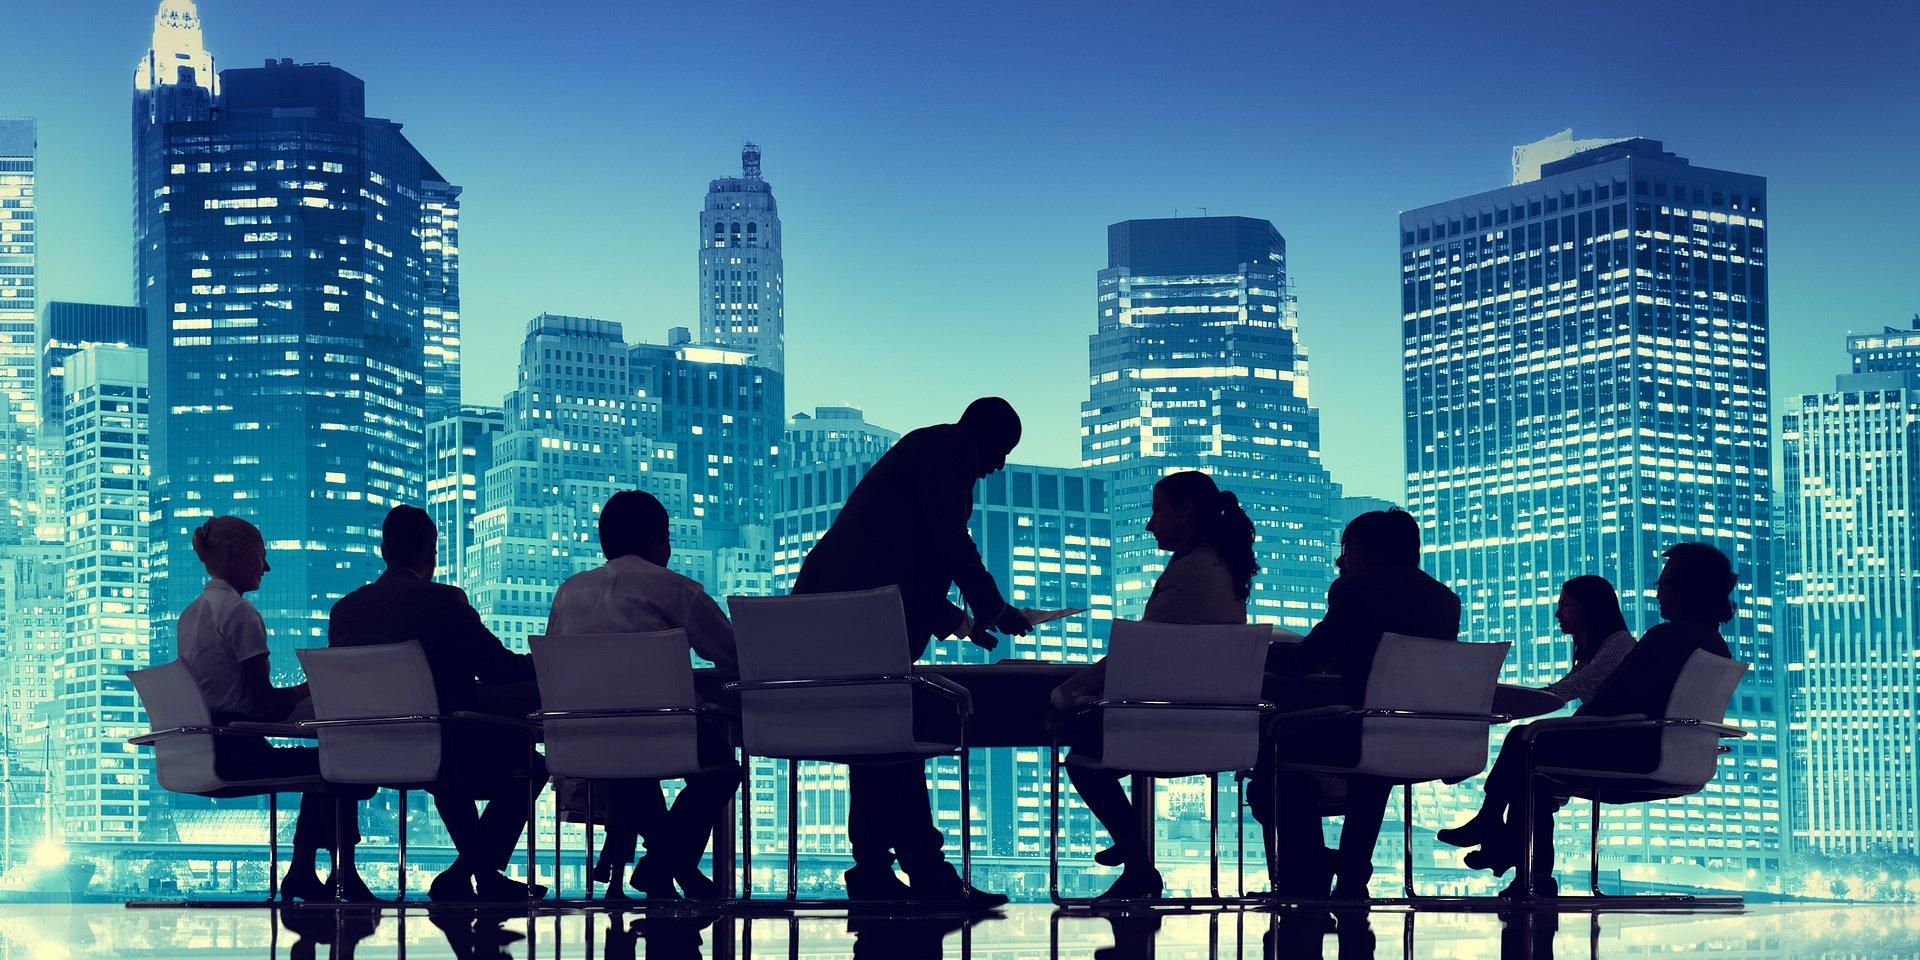 Inwestorzy dywersyfikują portfel i wchodzą na rynek alternatywny. CBRE zmienia strukturę odpowiadając na aktualne oczekiwania klientów